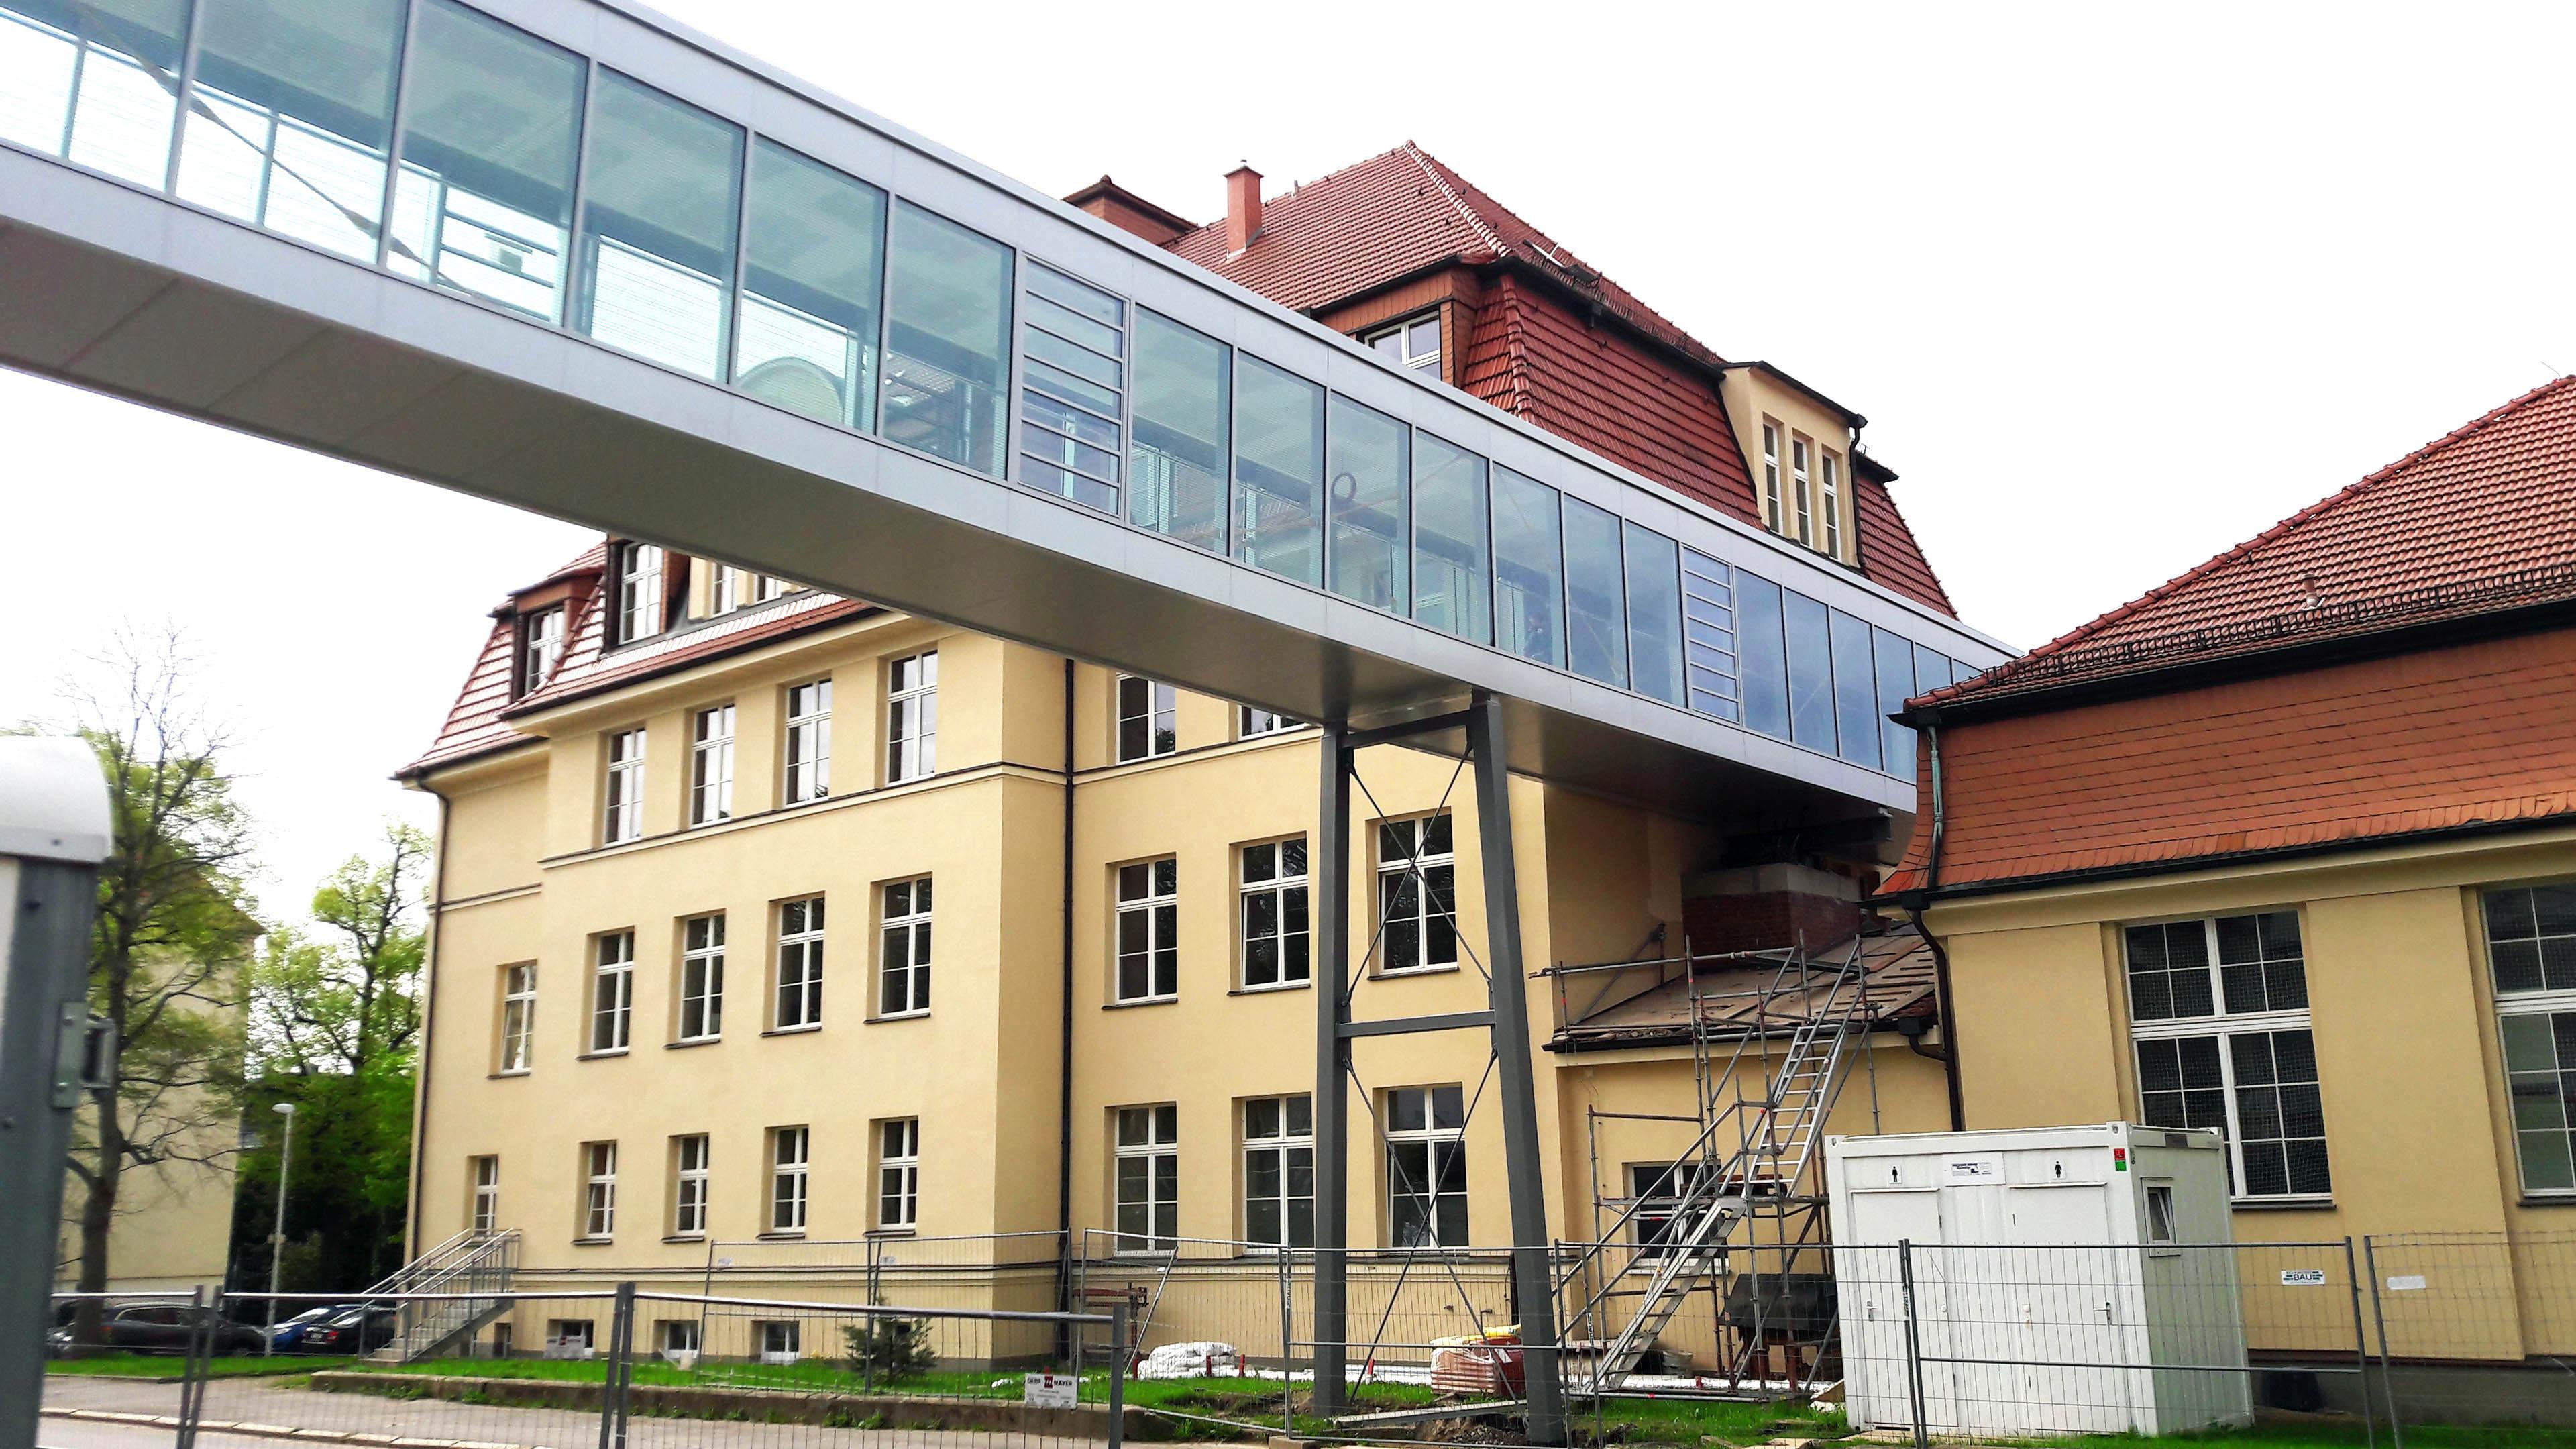 Verbindungsbrücke aus Stahl und Glas in Chemnitz